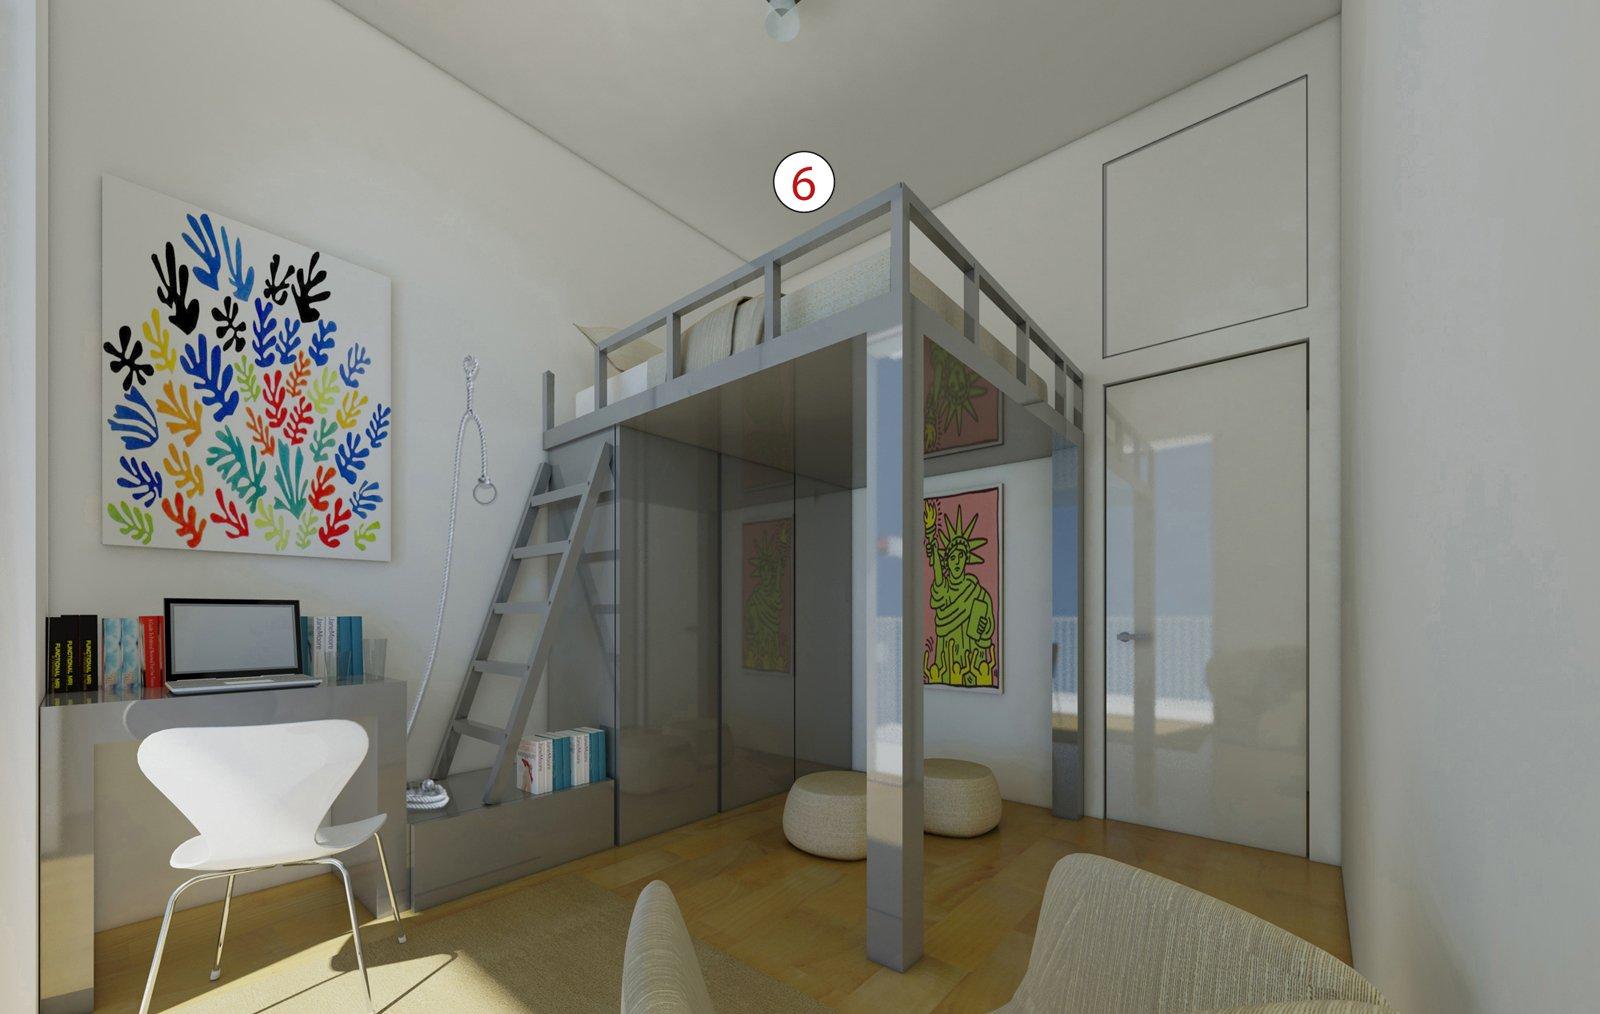 Tante idee per migliorare casa focus sulla zona notte for Idee camera